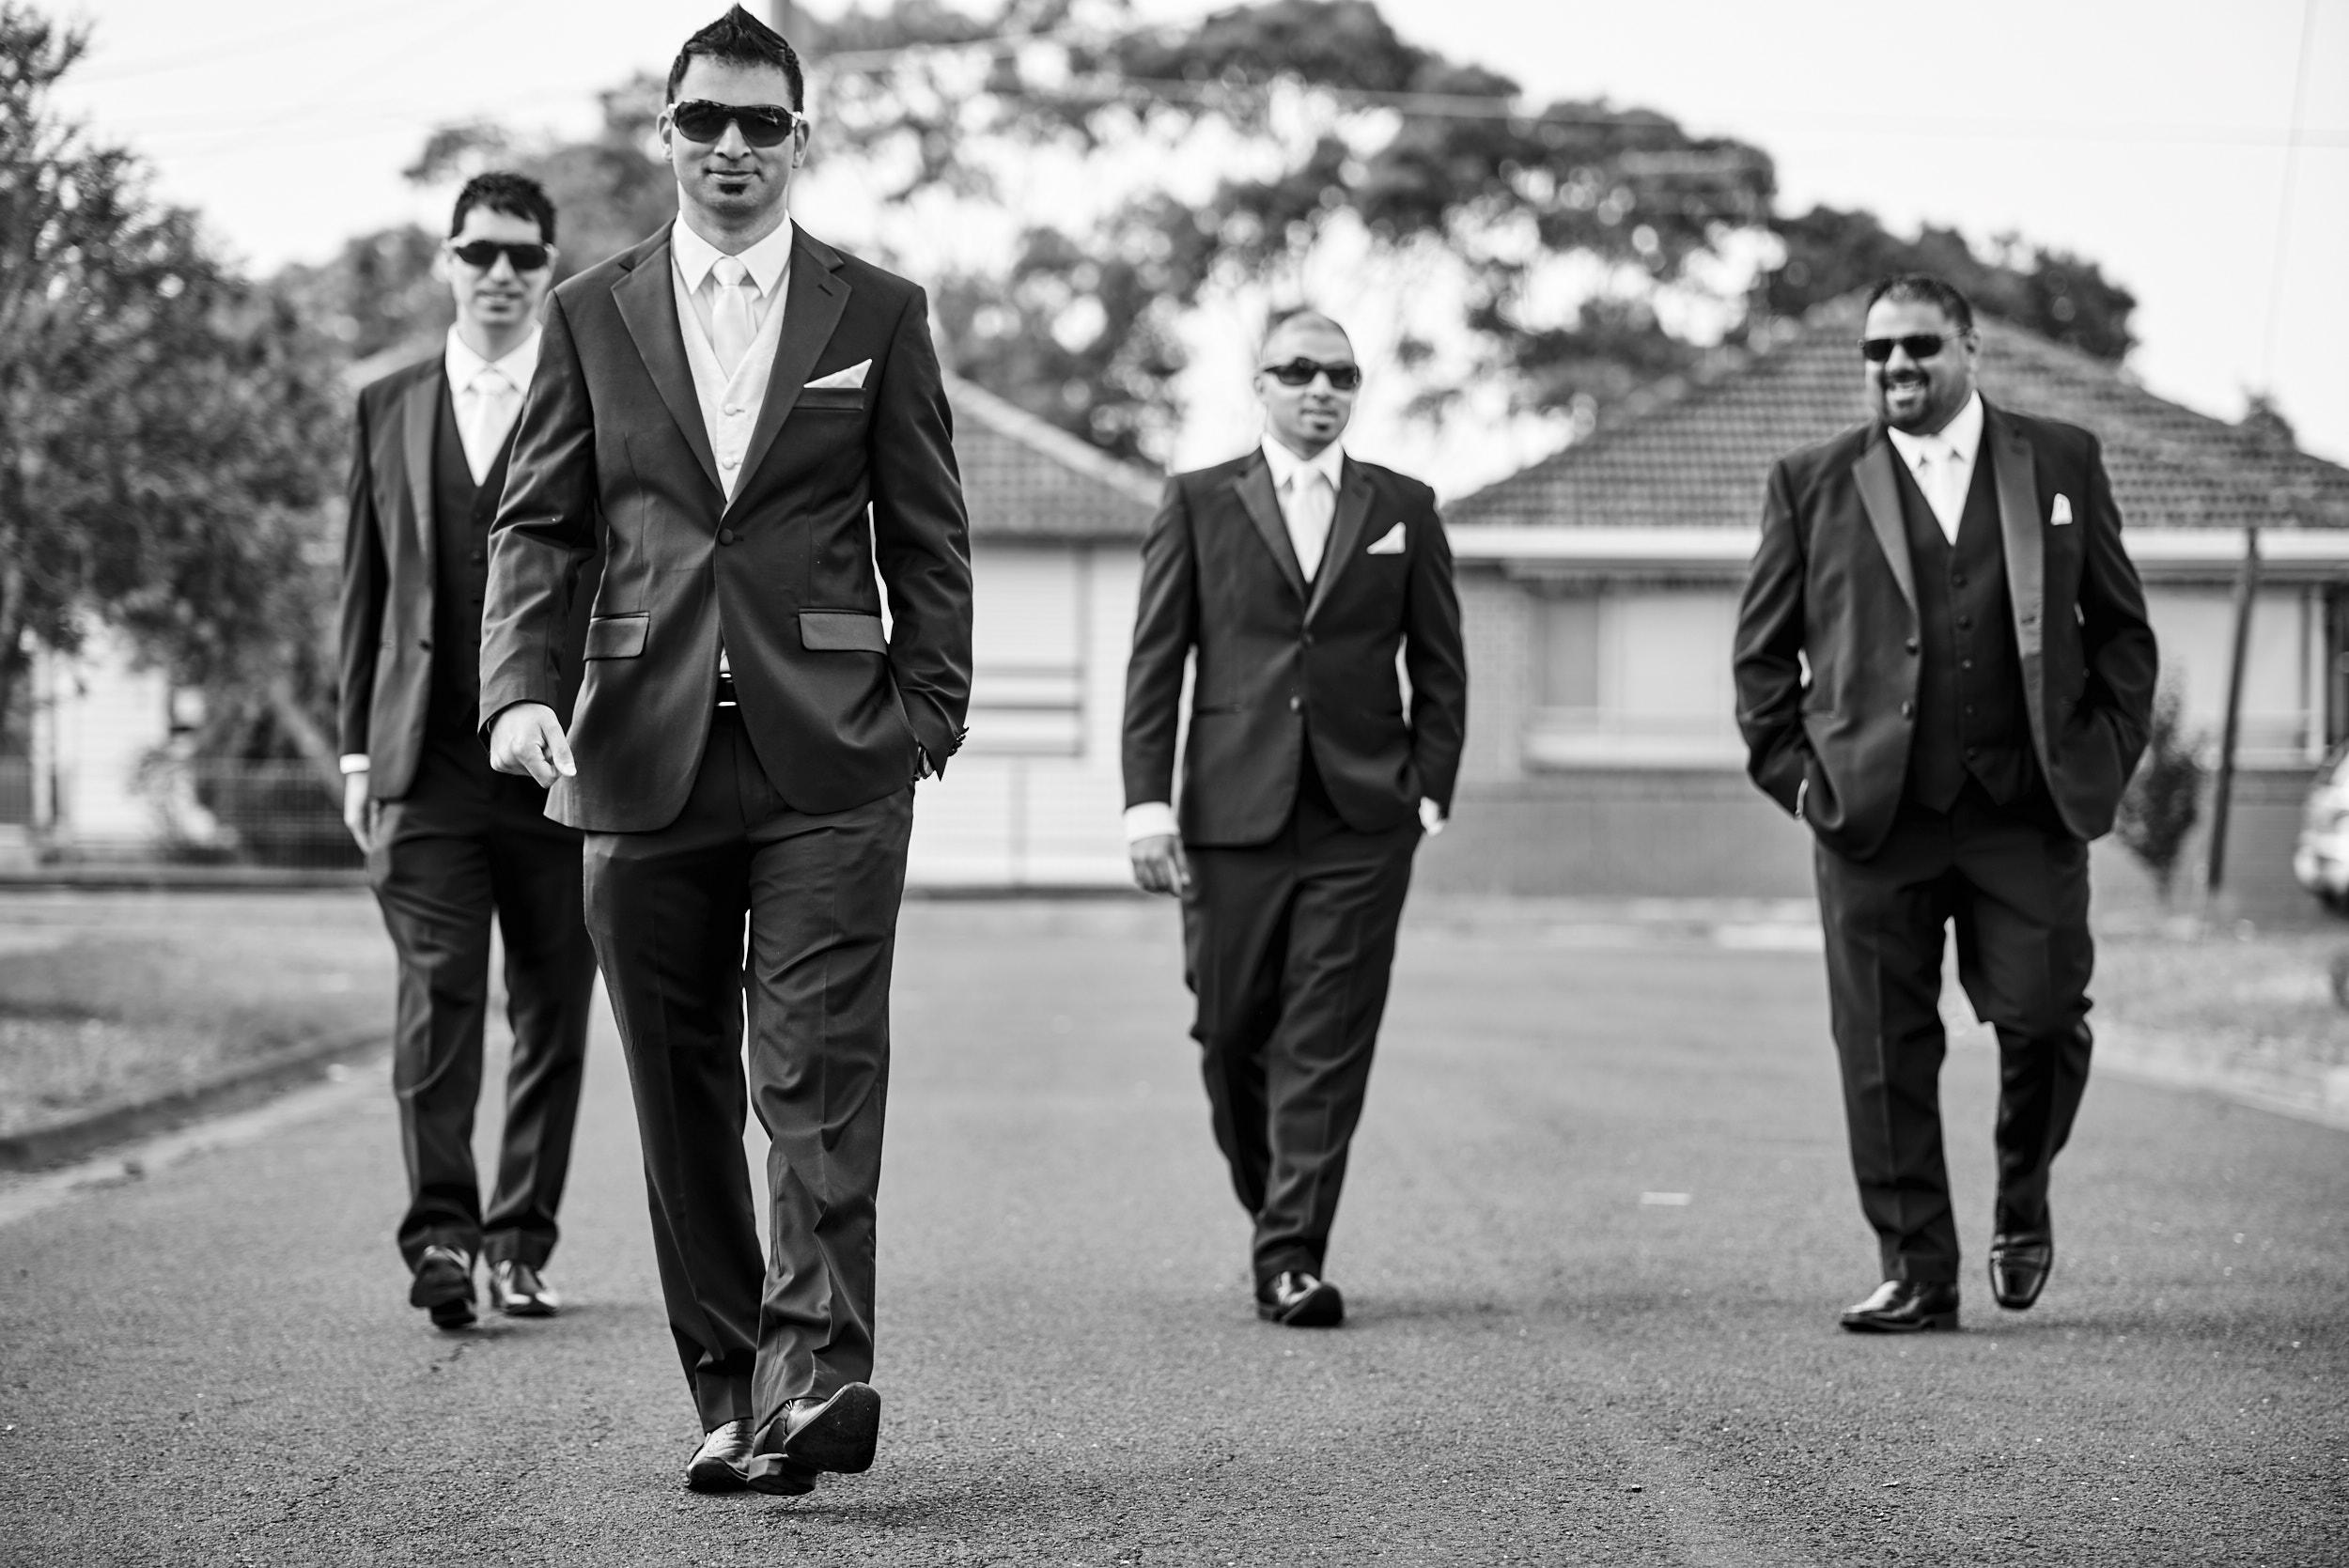 Groom and groomsmen walking down street